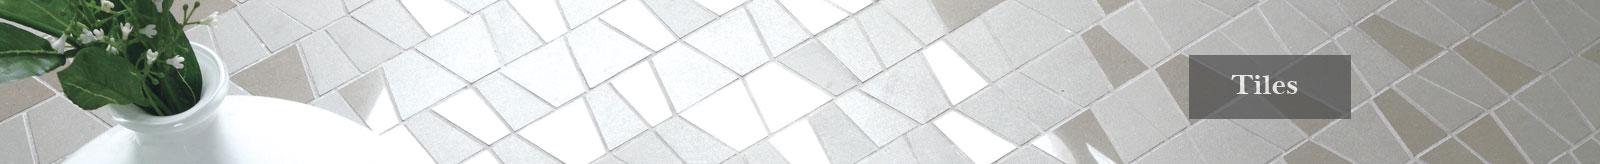 tiles_banner